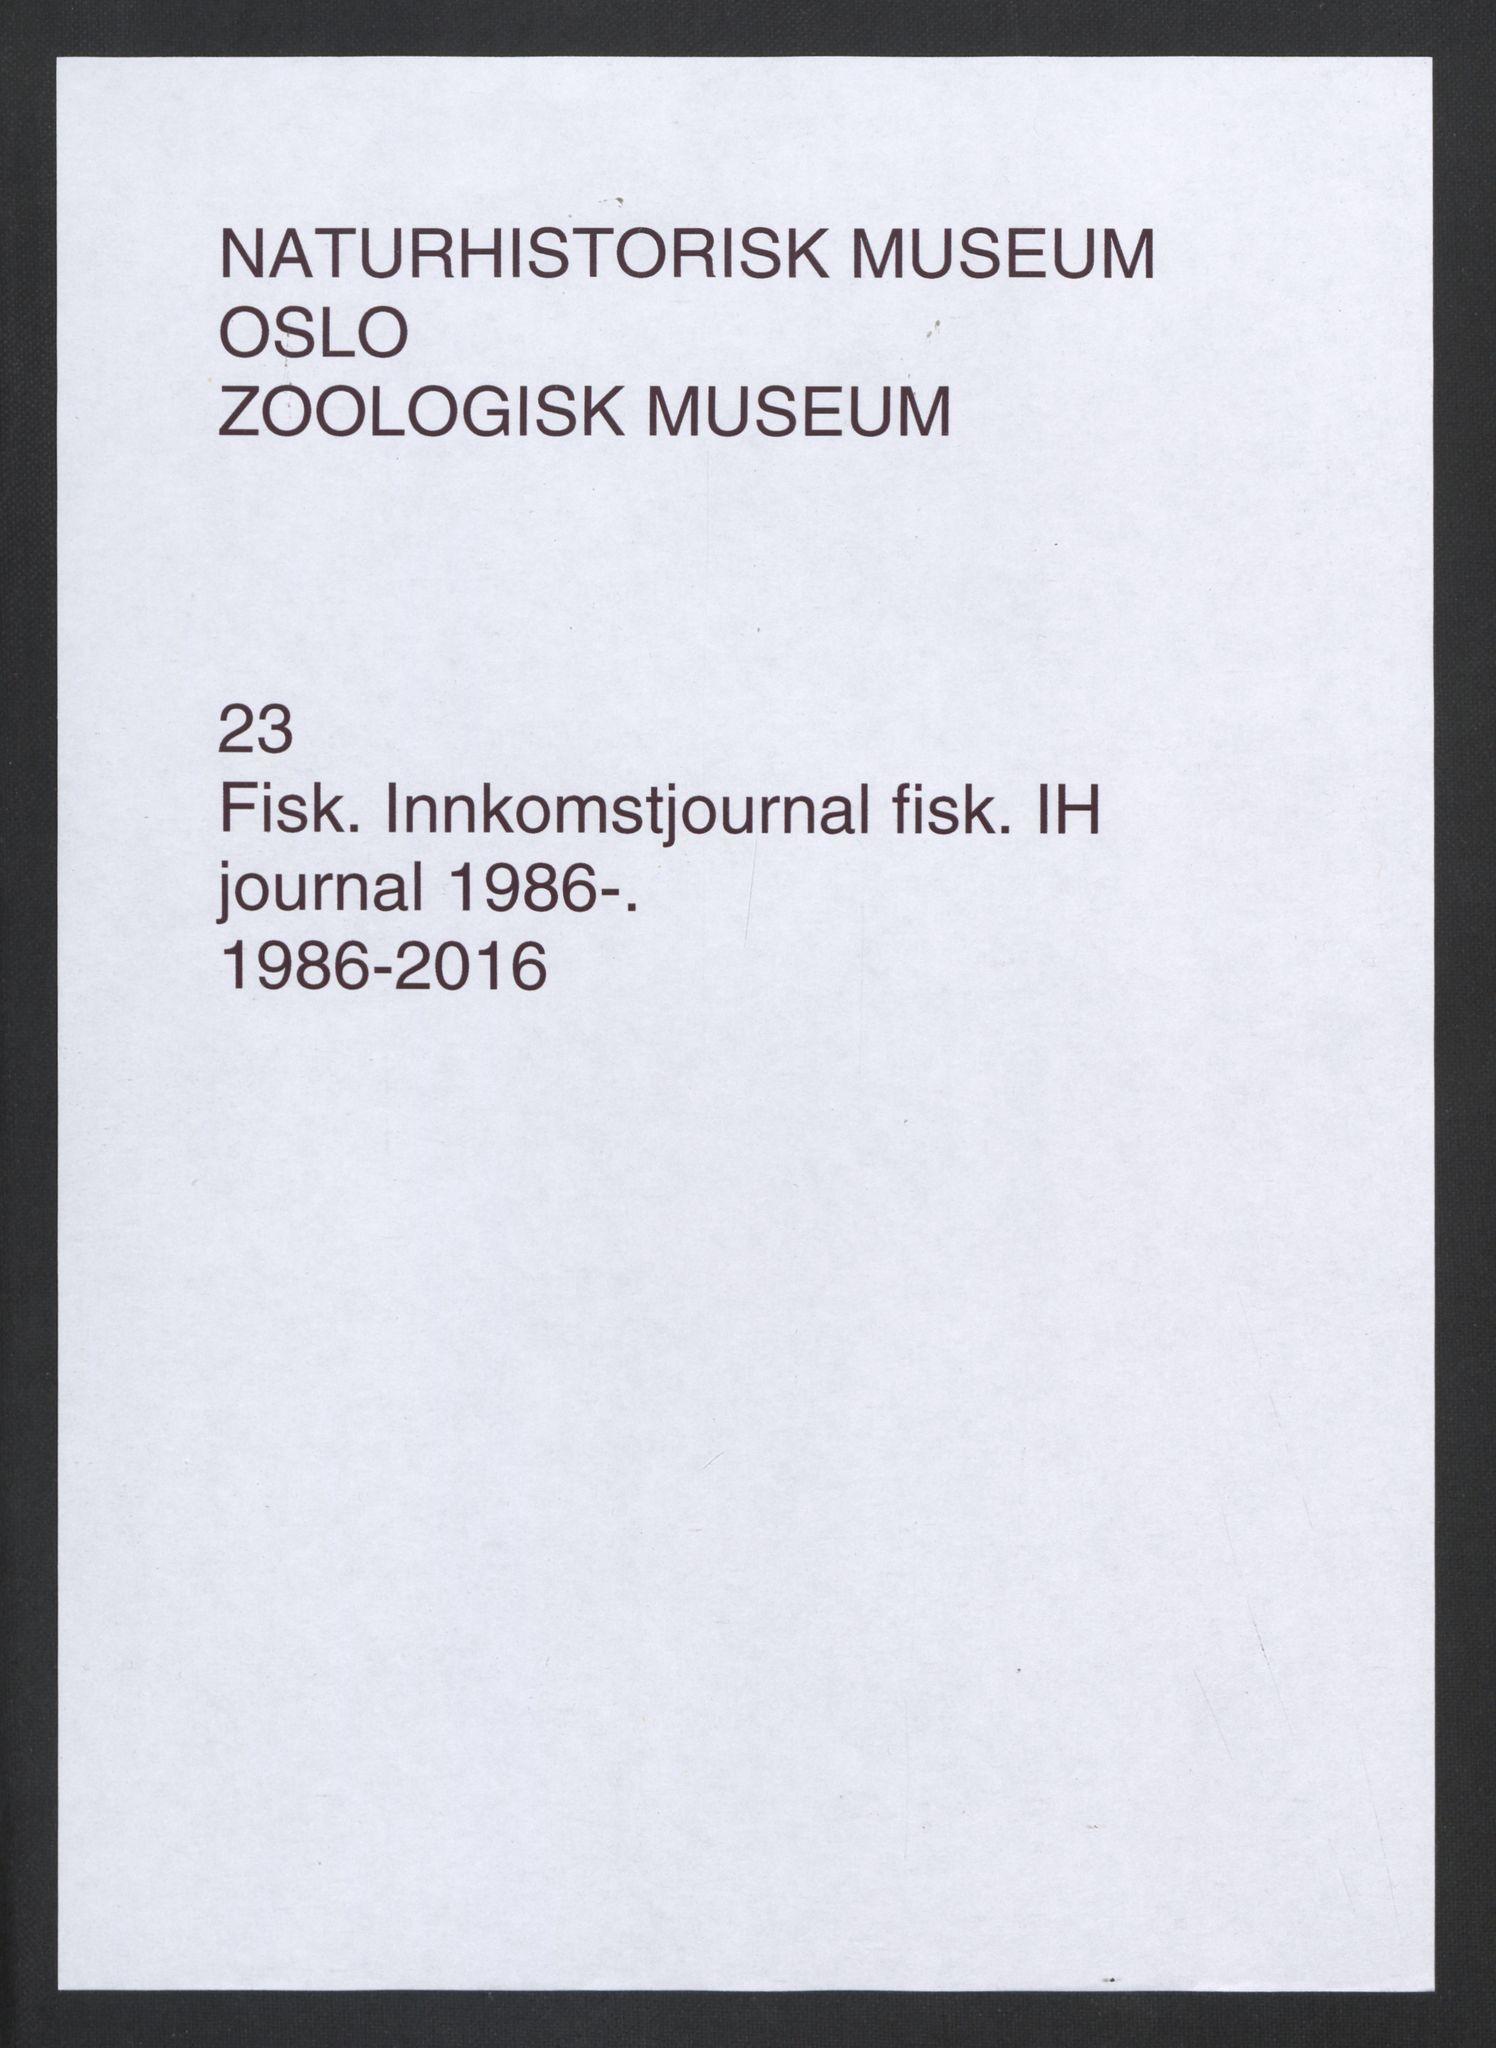 NHMO, Naturhistorisk museum (Oslo), 1: Fisk. Innkomstjournal. Fiskesamlingen (IH), 1986-2012., 1986-2012